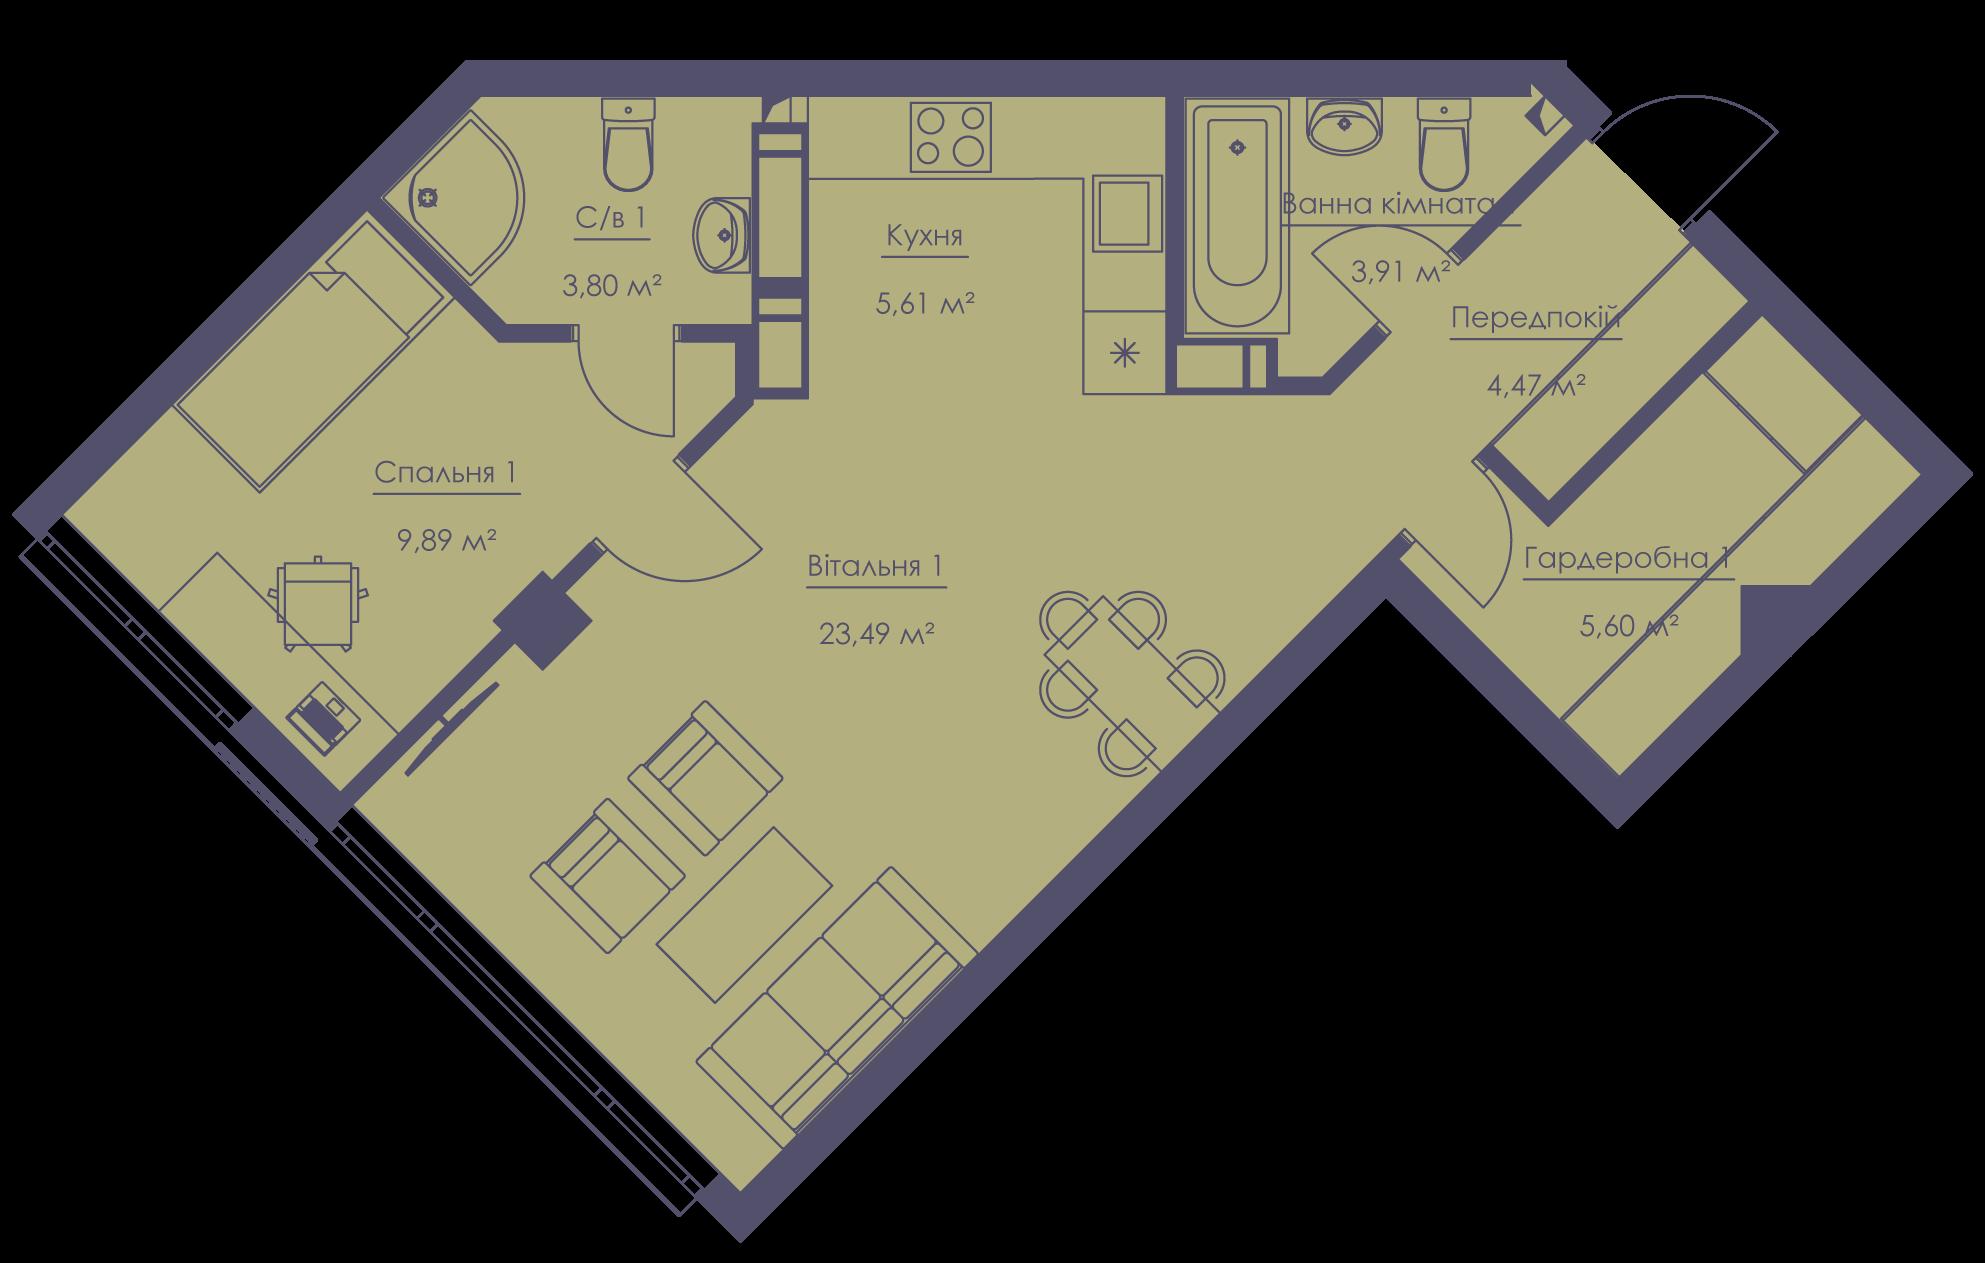 Apartment layout KV_50_2b_1_1_4-1